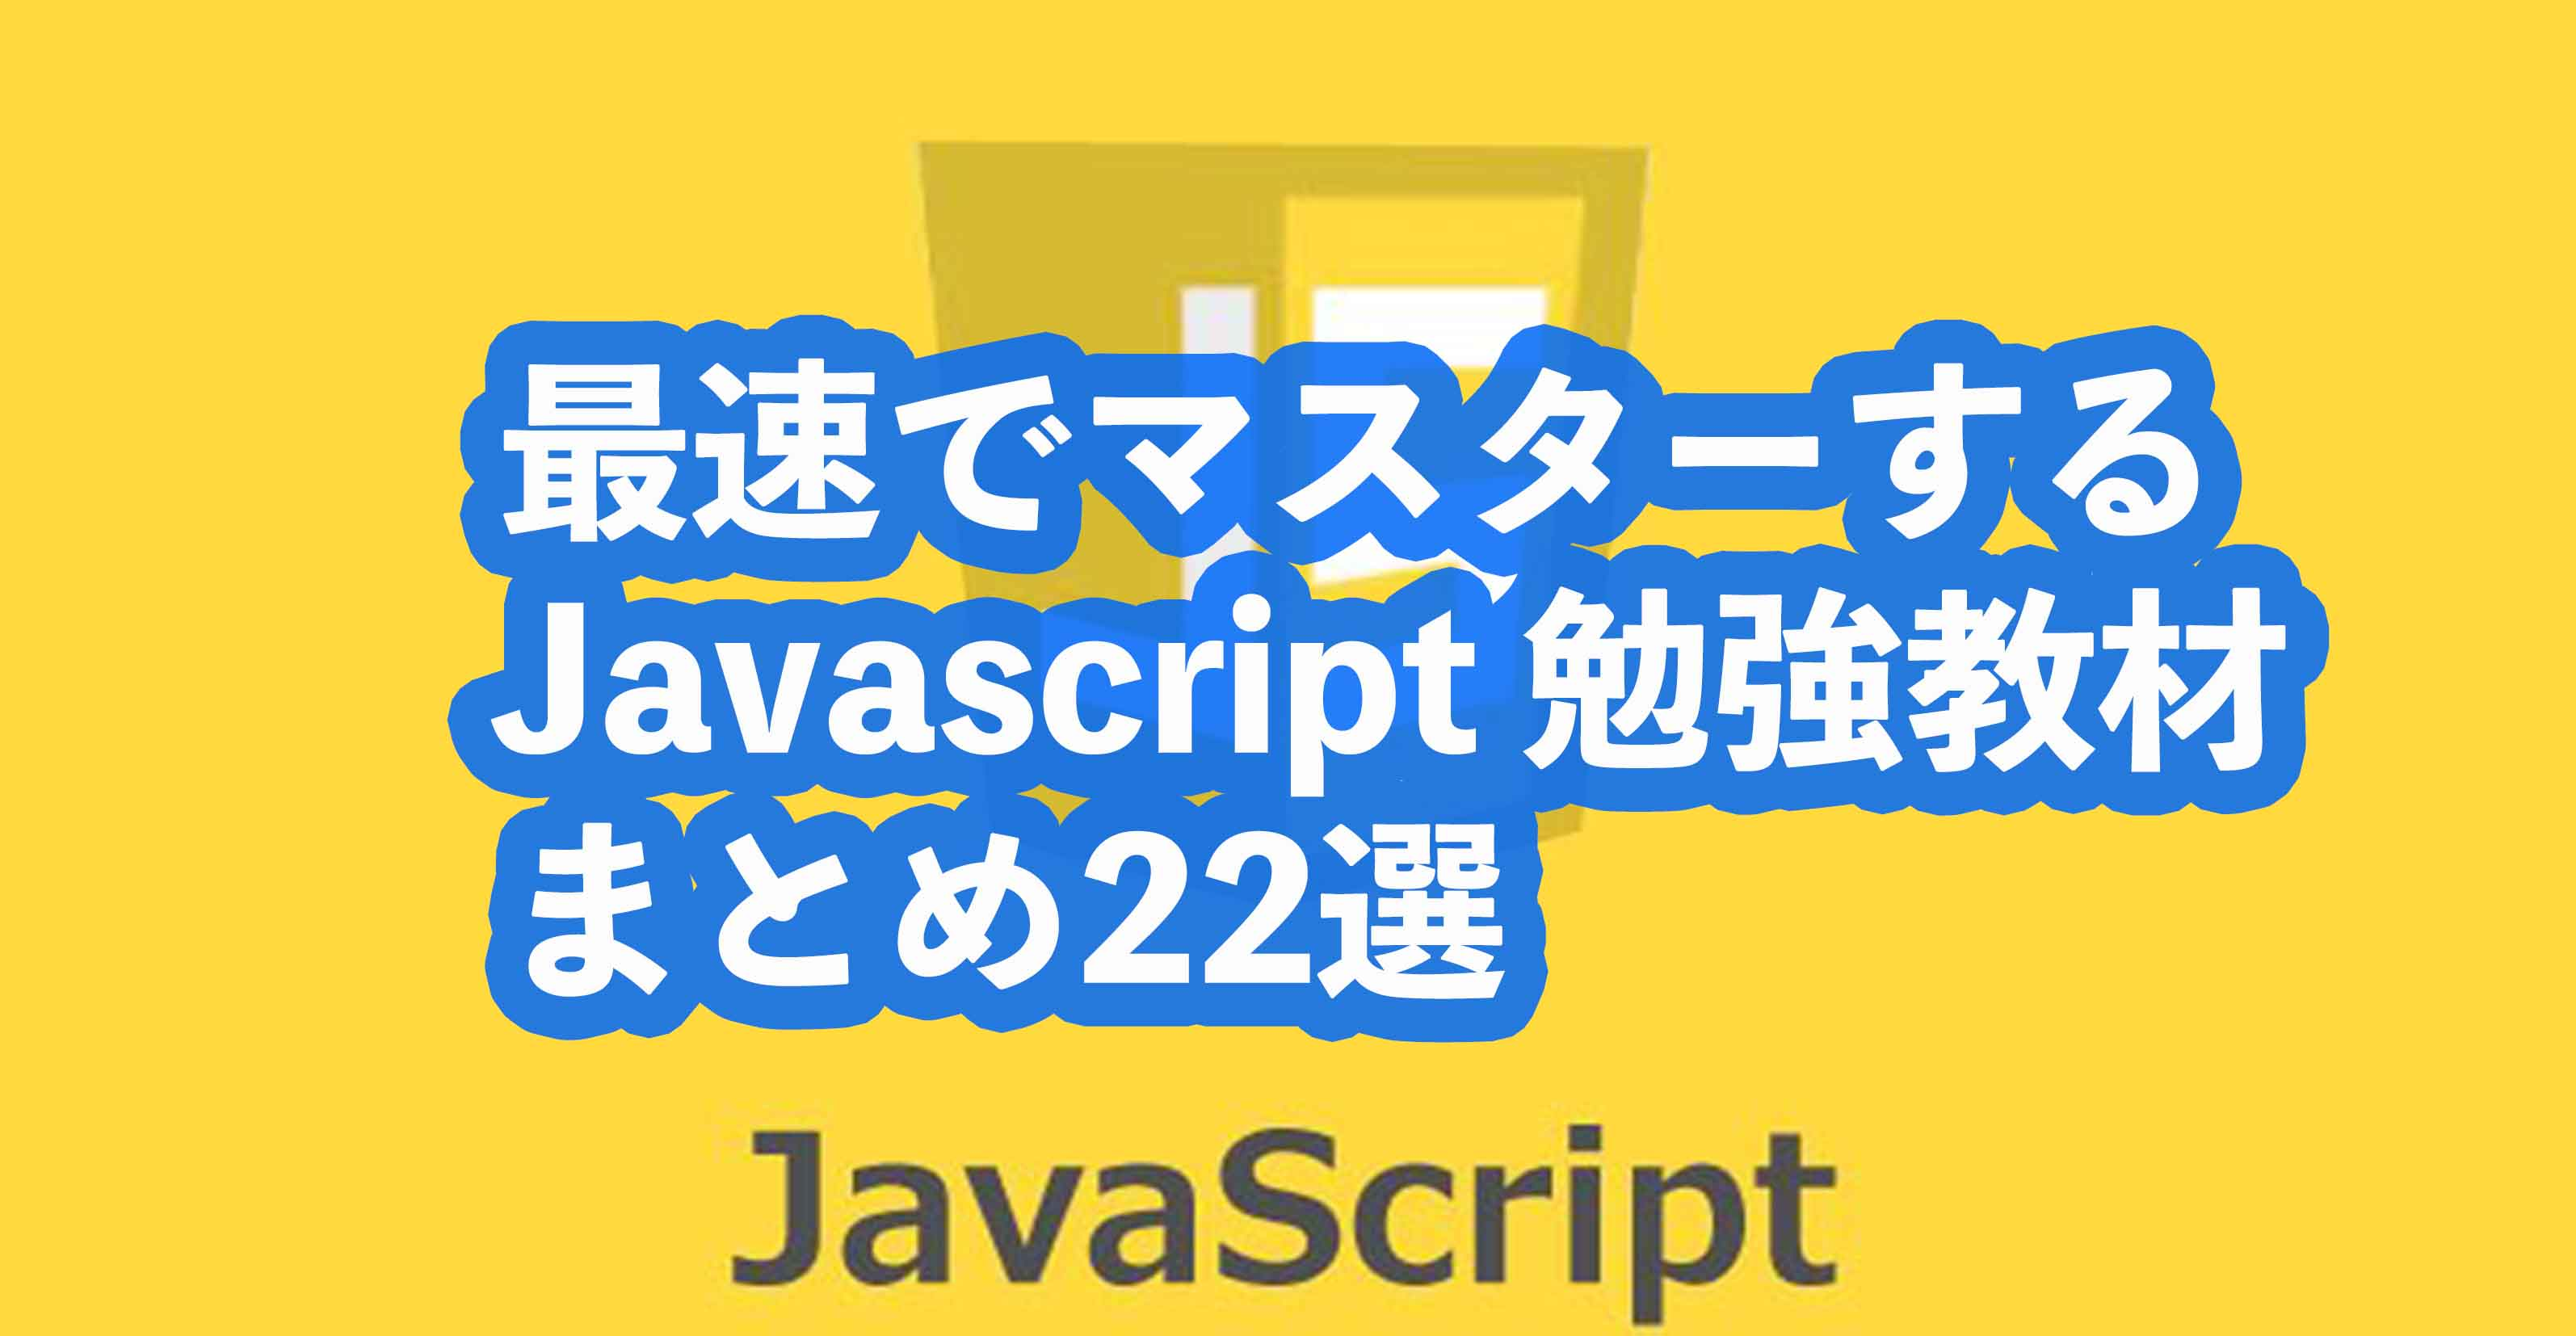 【最速マスター】 Javascript おすすめ勉強教材まとめ22選